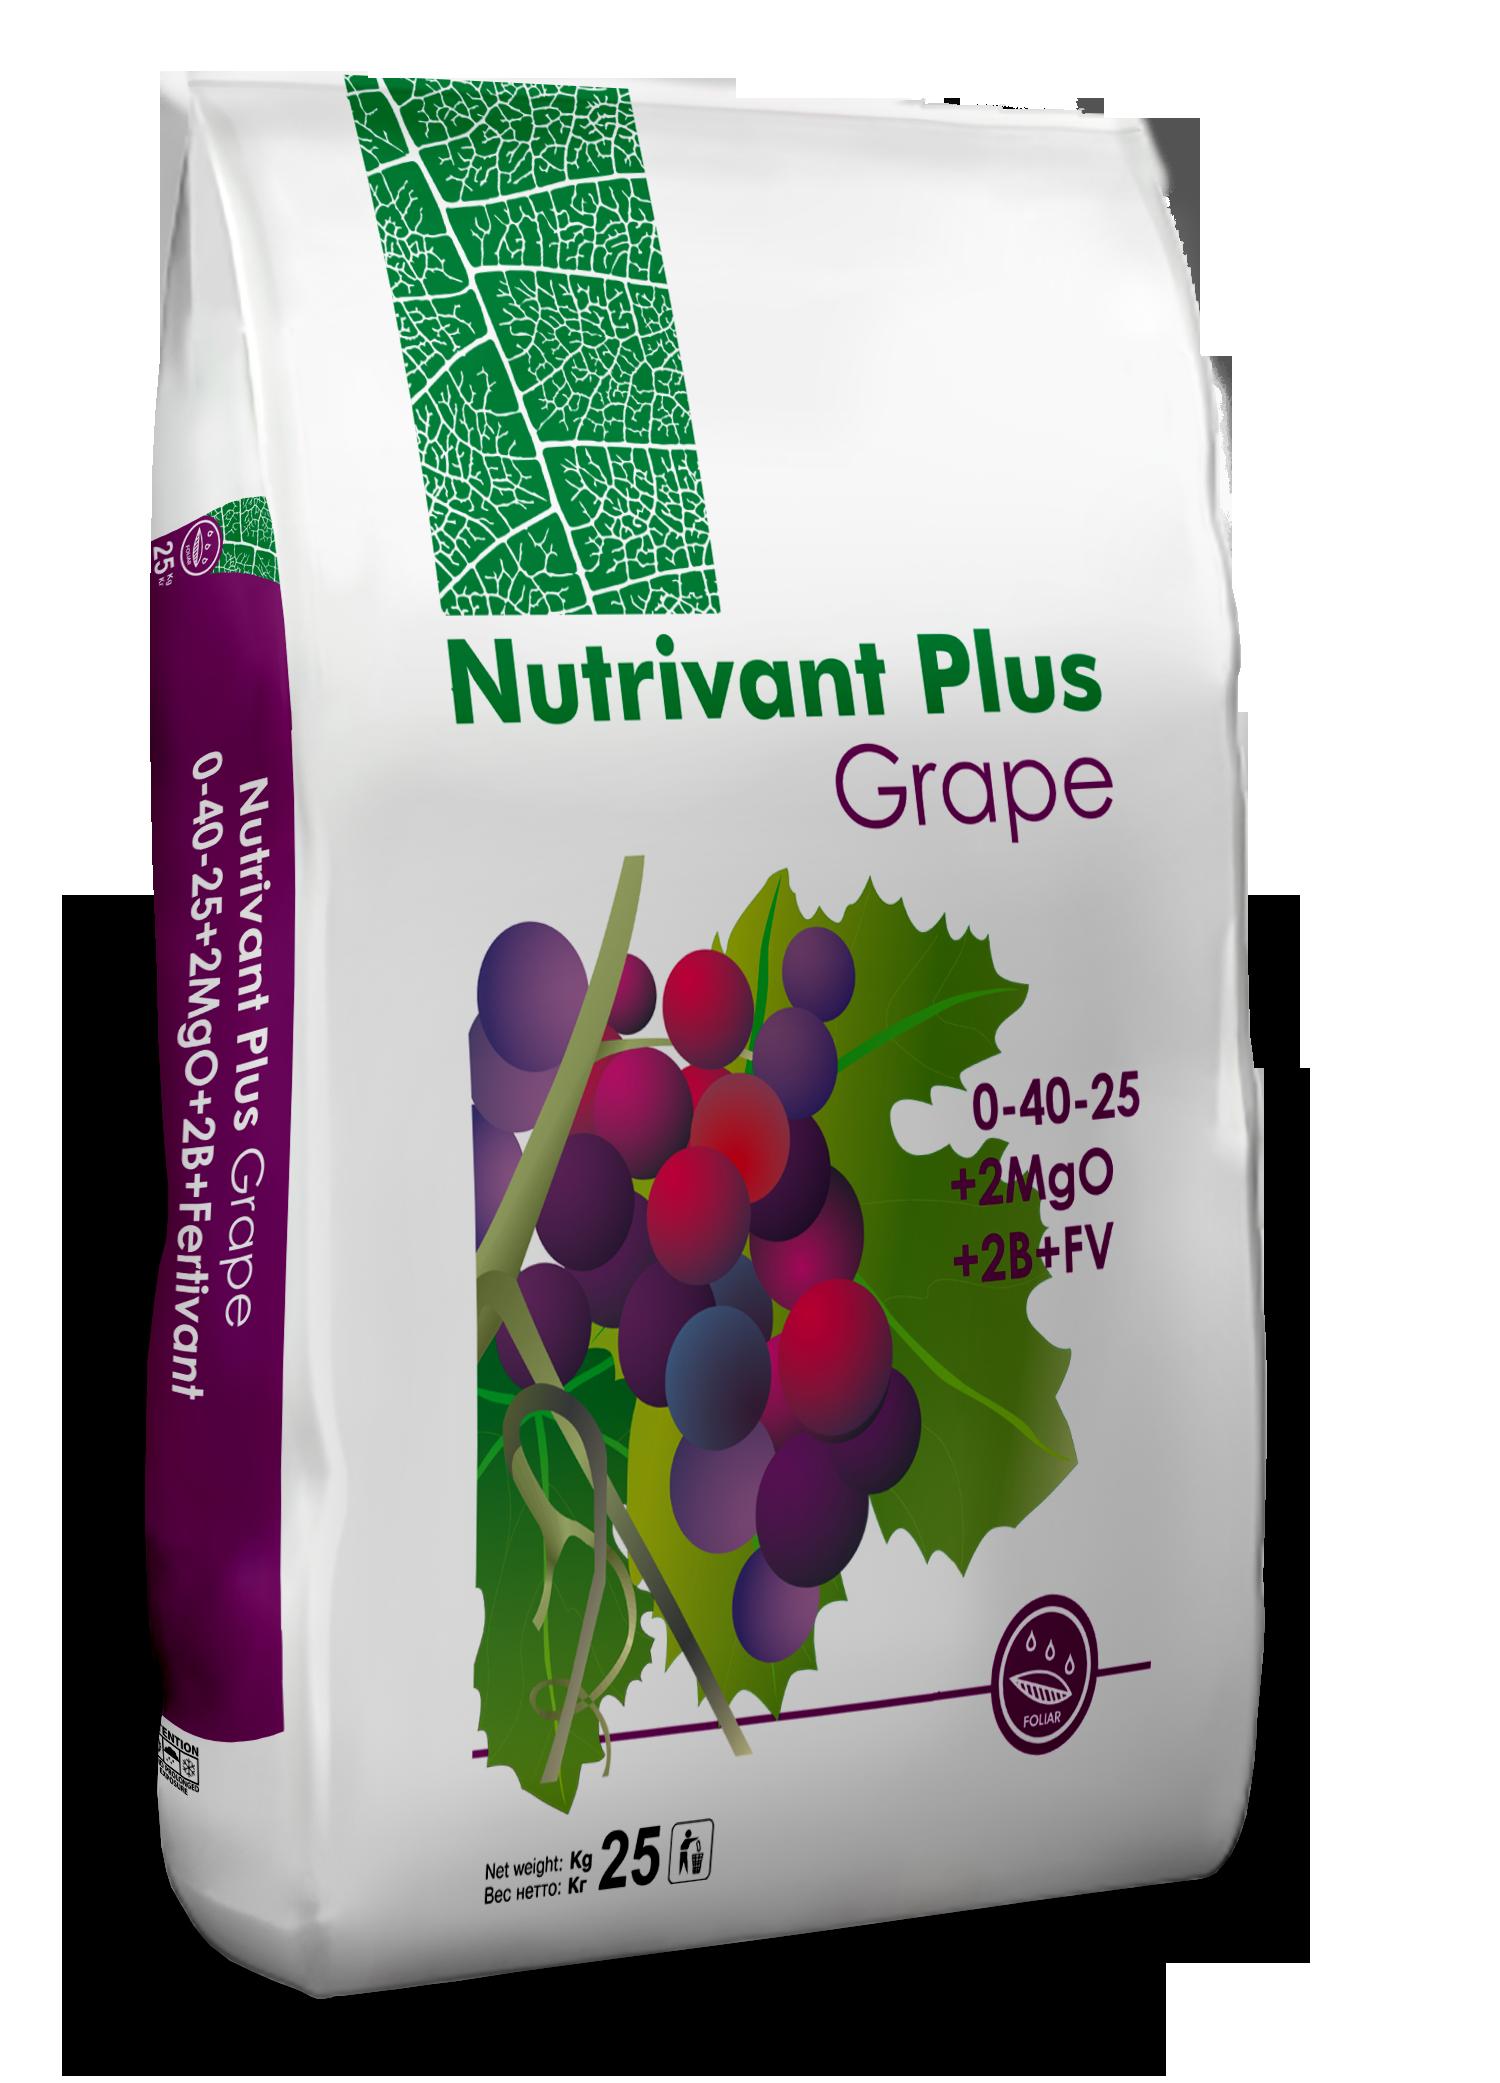 Nutrivant Plus Grape